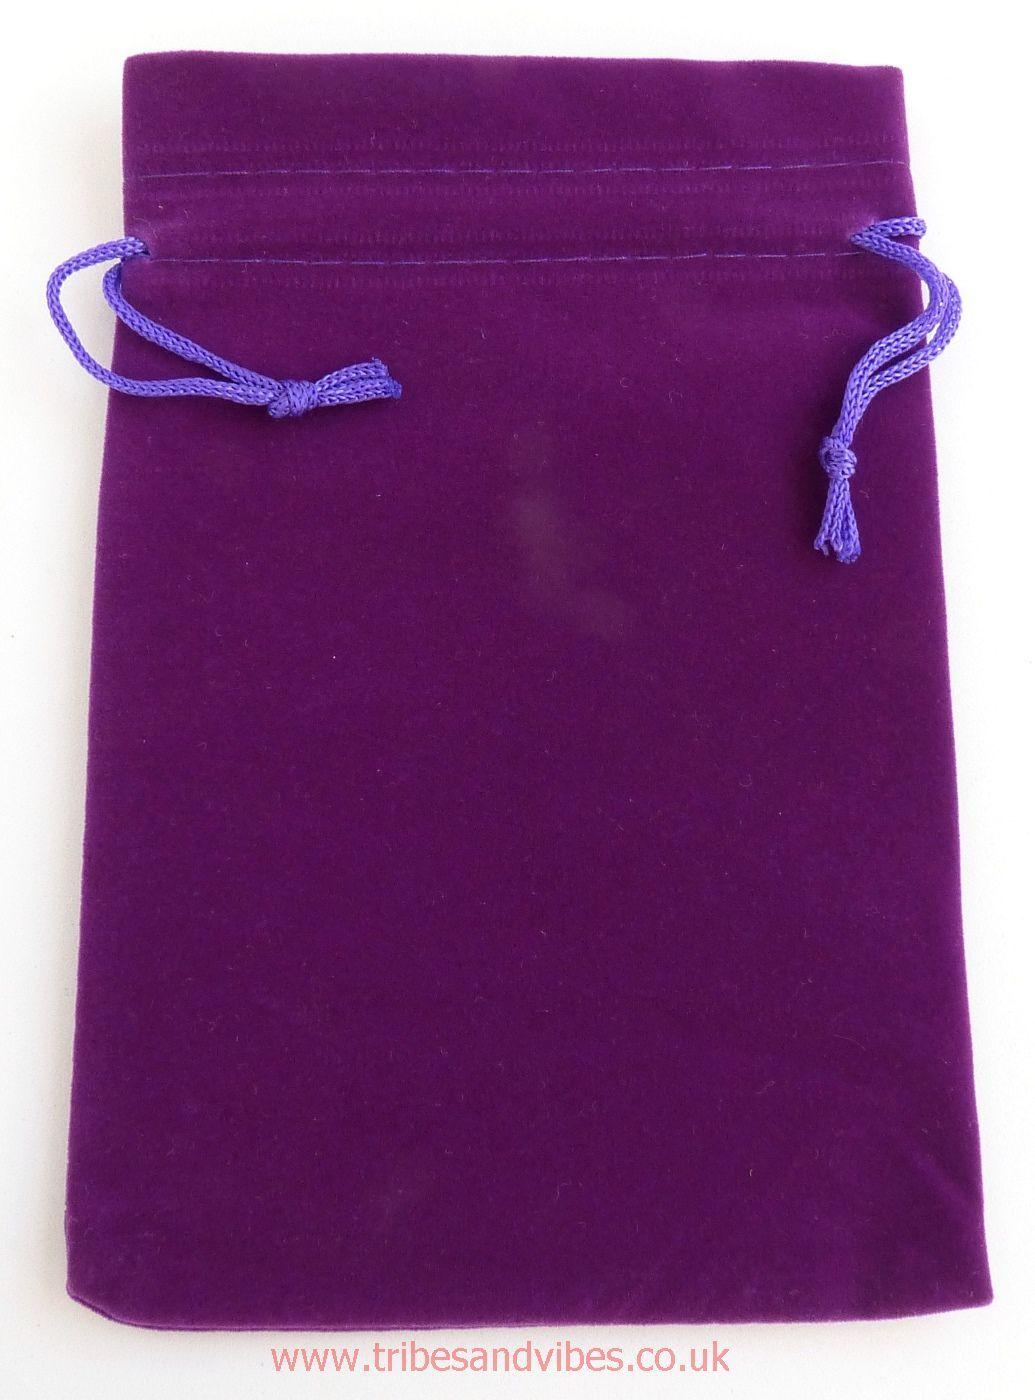 Velvet Purple Drawstring Pouch Gift Bag 17cm x 12cm - ideal for Tarot Cards